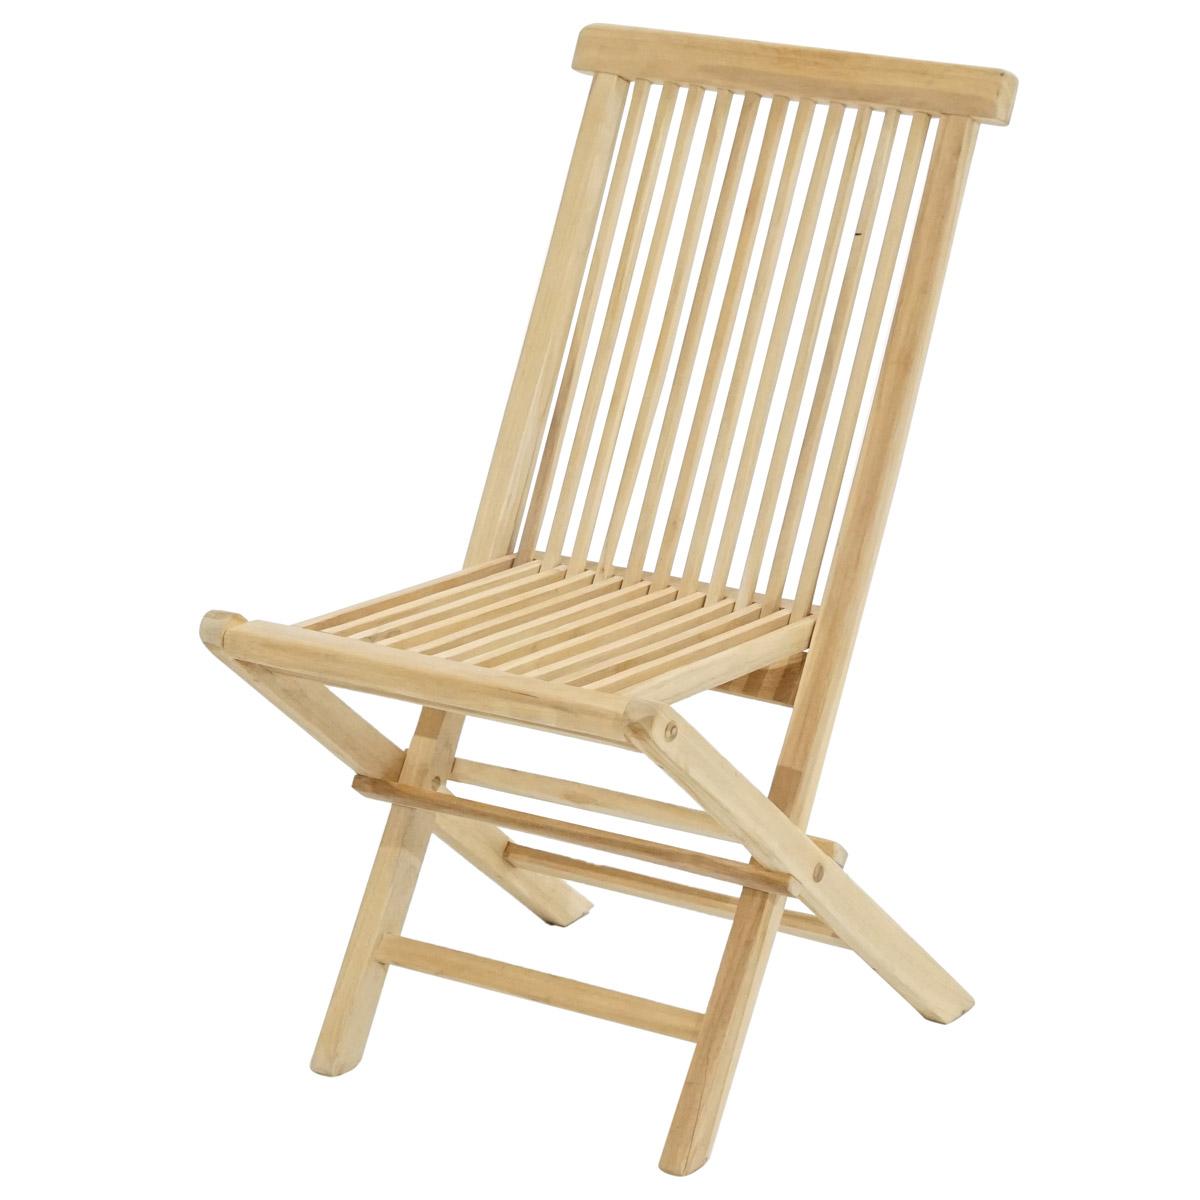 klappstuhl milford eco teak natur st hle garten balkonm bel. Black Bedroom Furniture Sets. Home Design Ideas